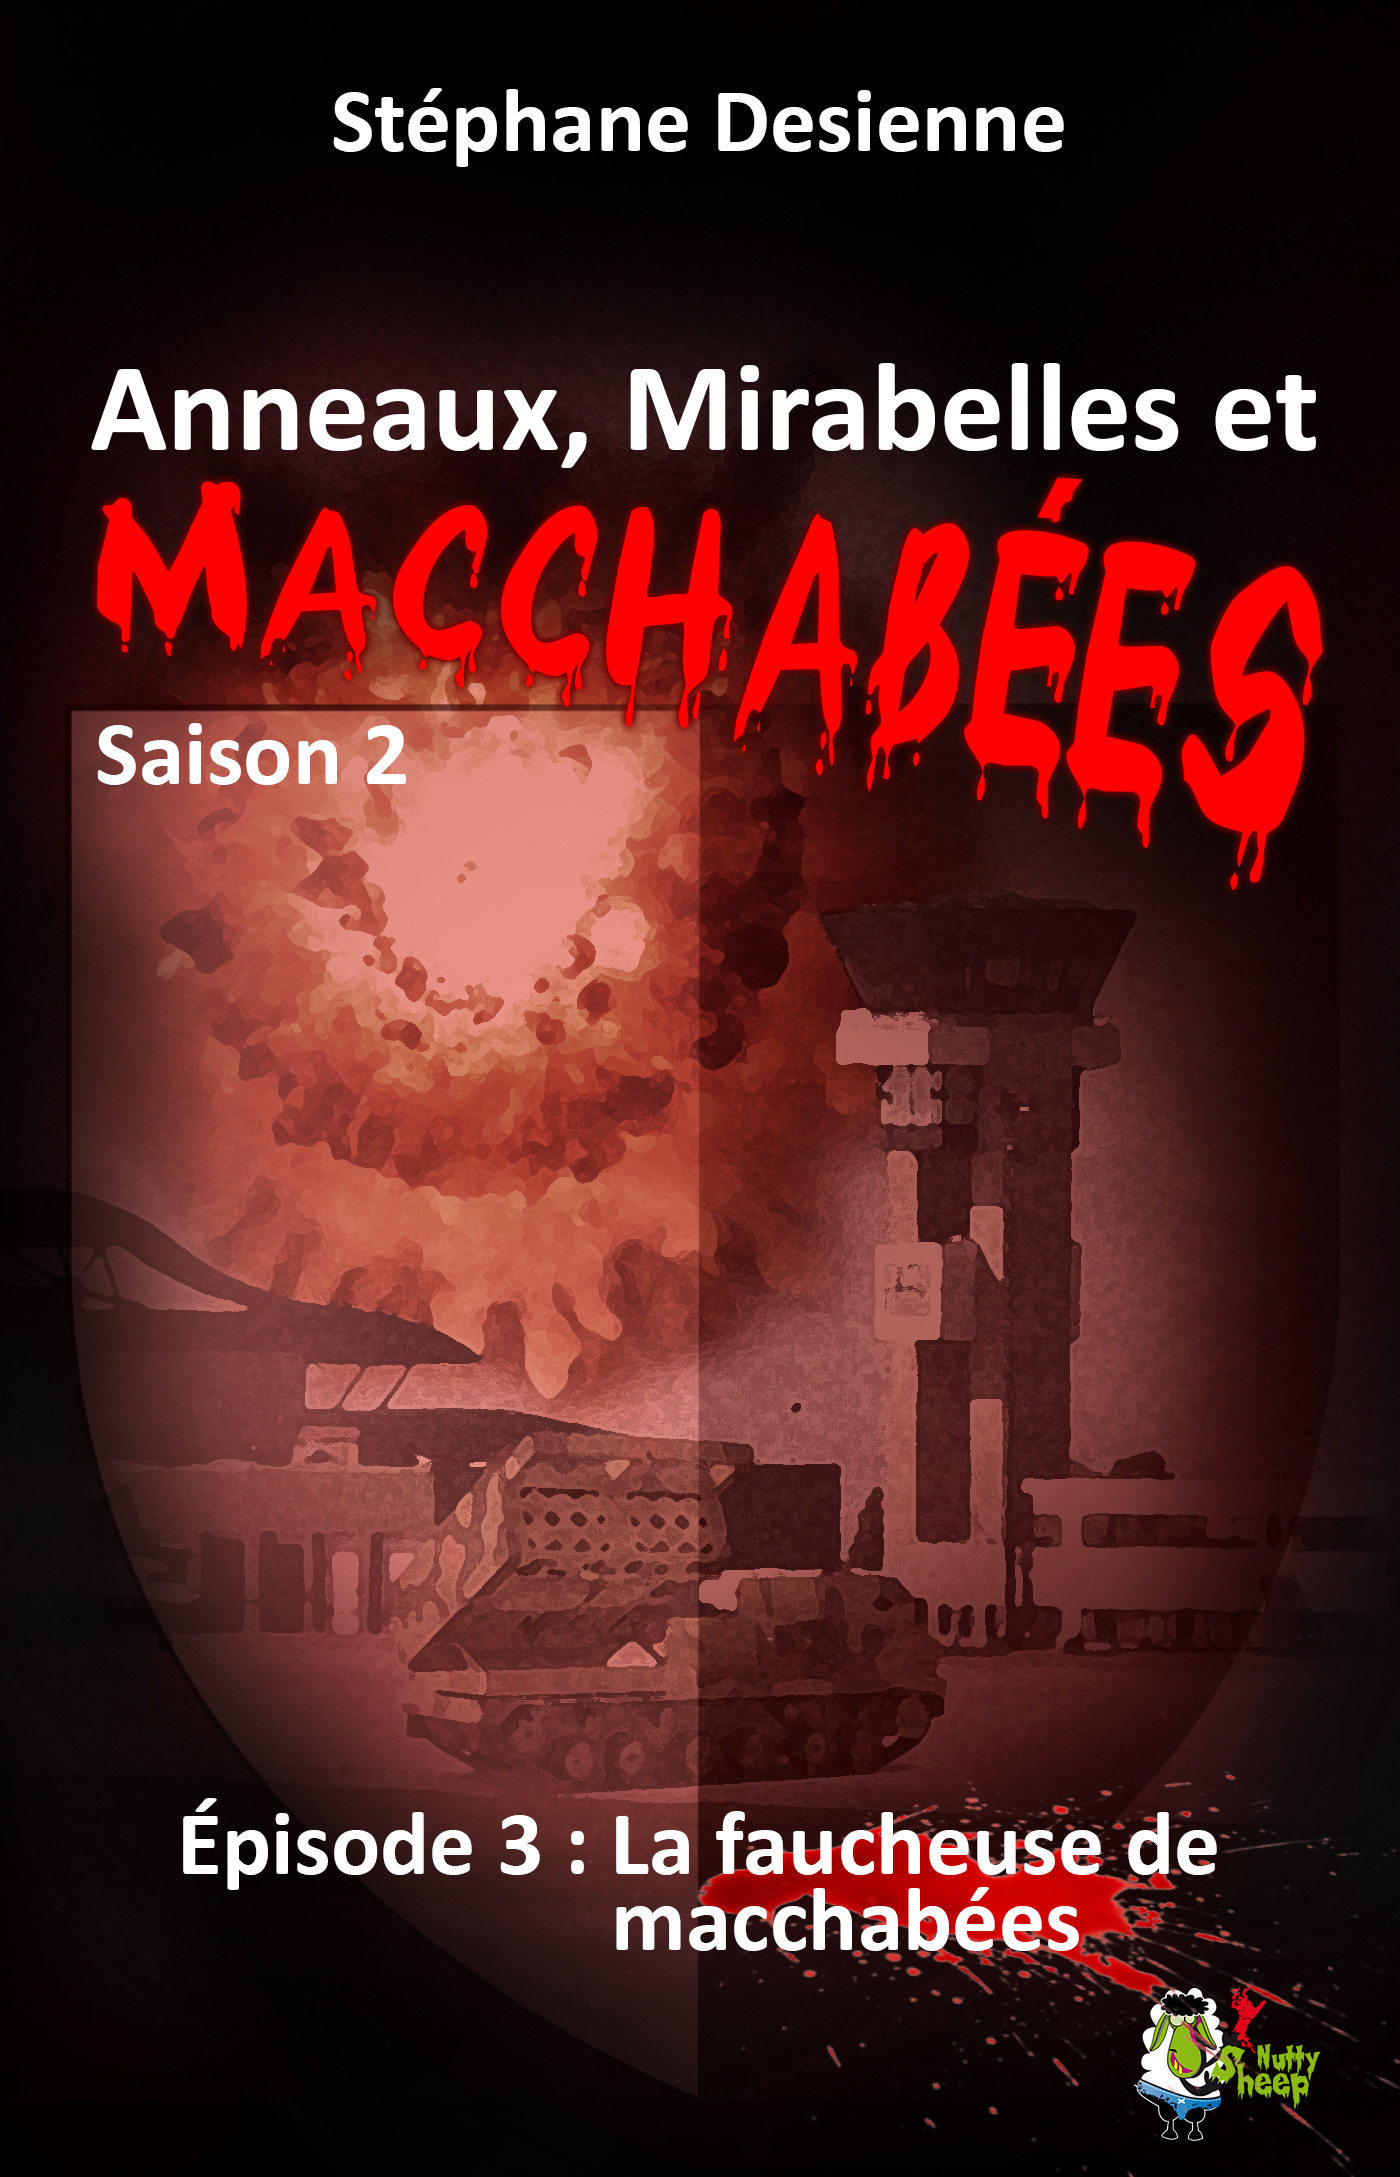 Anneaux, mirabelles et macchabées Saison 2 : épisode 3